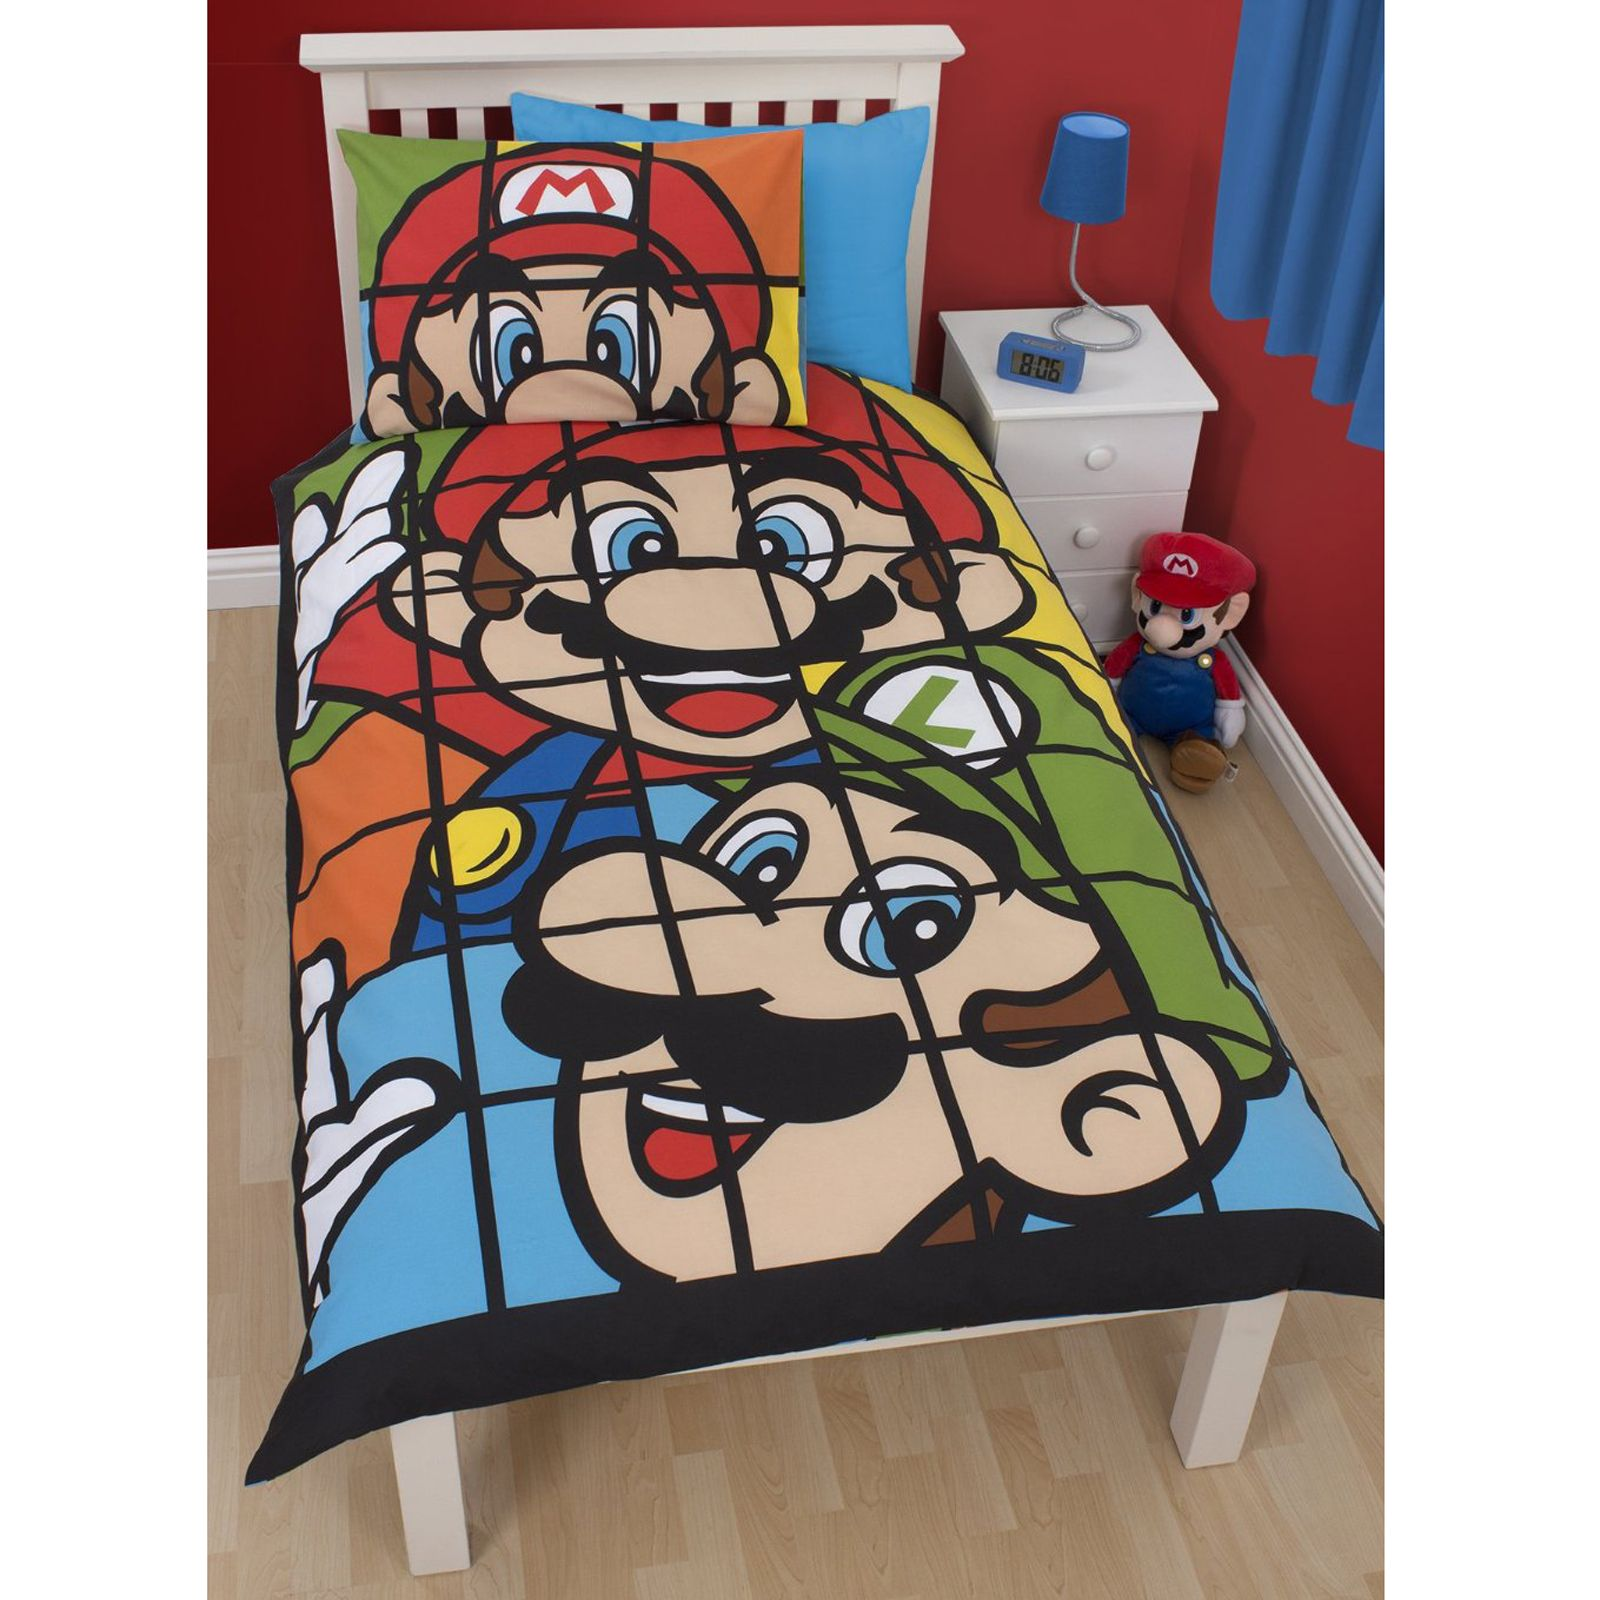 Officiel Nintendo Super Mario Parure De Lit Parure De Lit